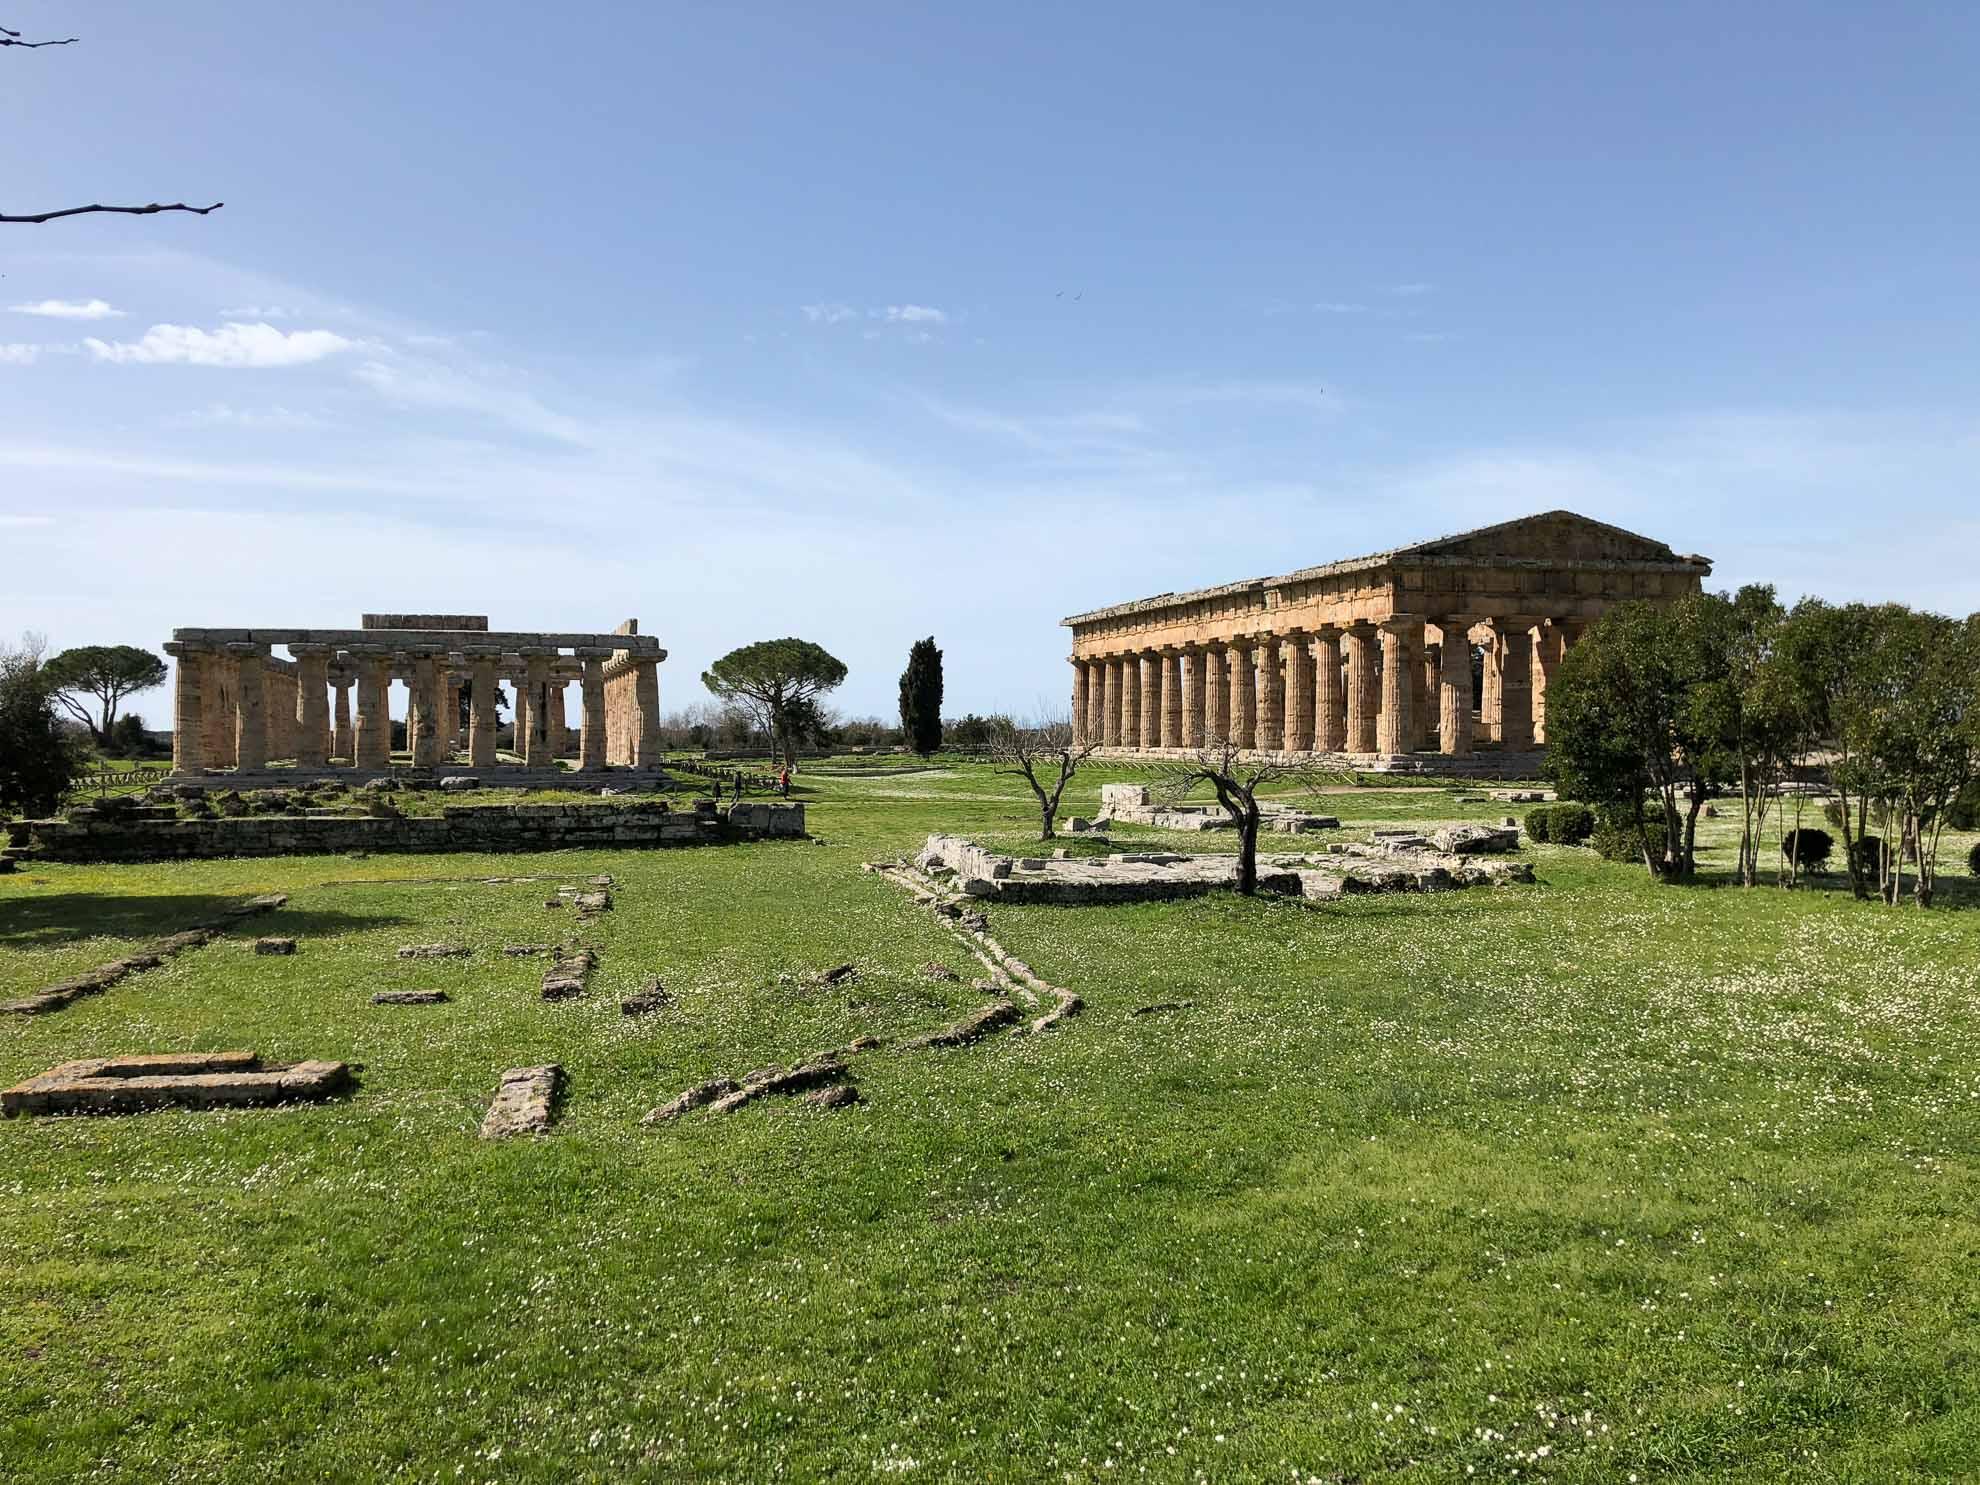 Das heutige Ausflugsziel sind die Tempel von Paestum.